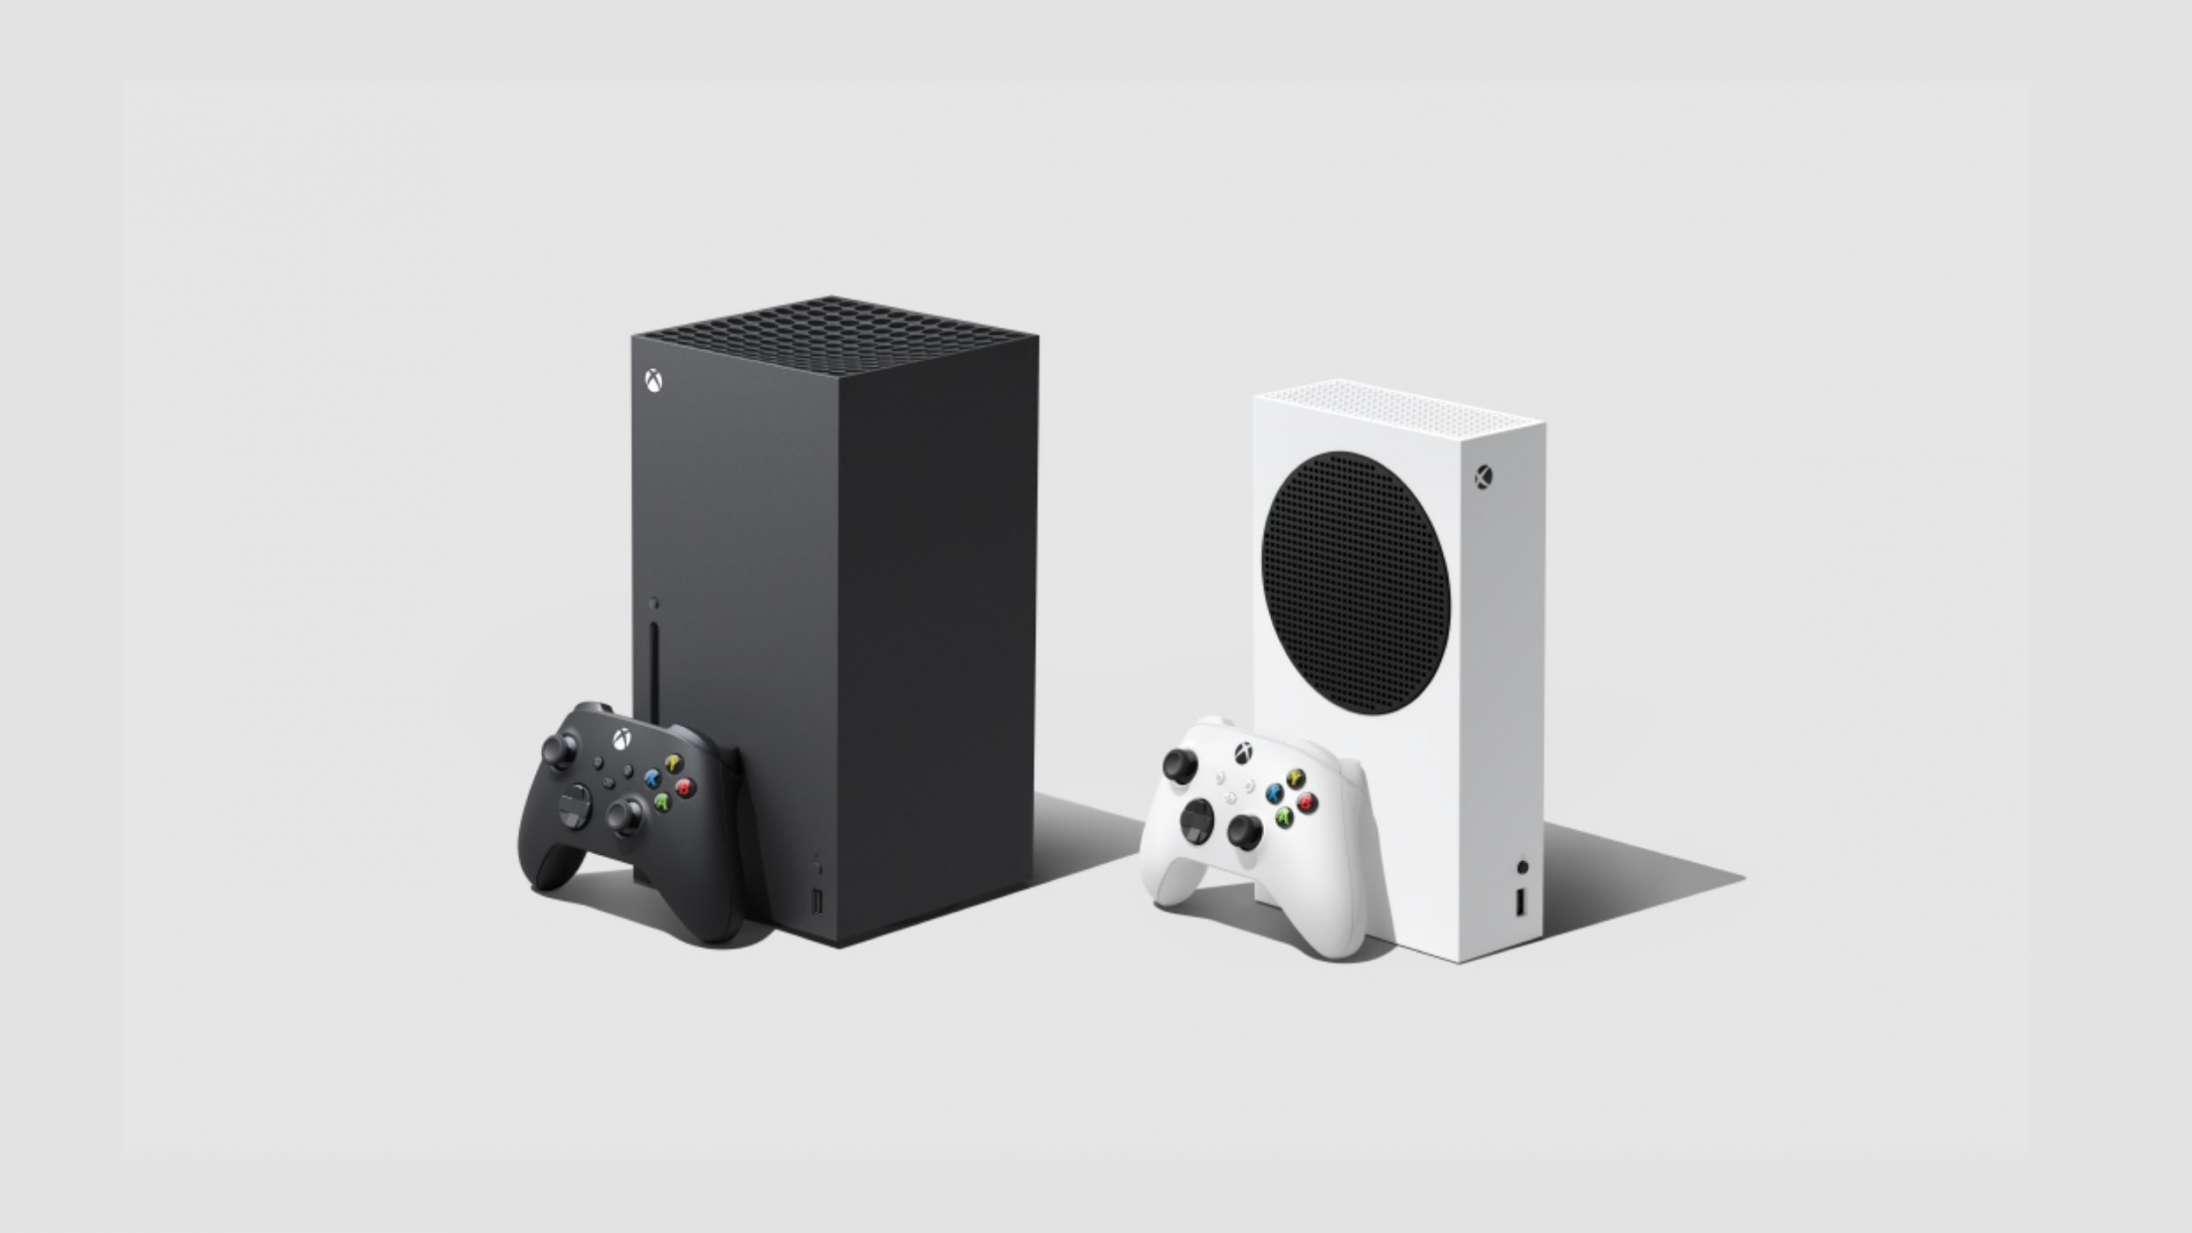 Xbox Series X skulle være den mest kraftfulde konsol –men PlayStation 5 slår den i test